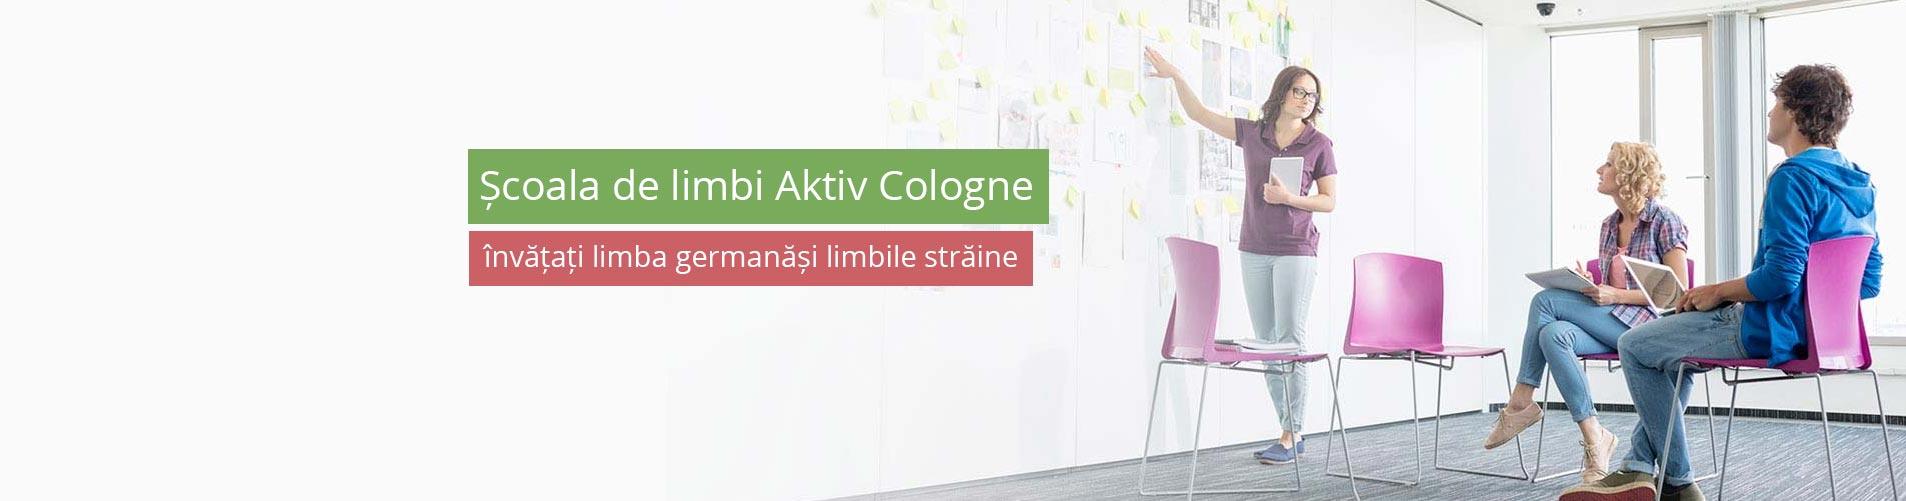 Școala de limbi Aktiv Cologne – învățați limba germanăși limbile străine